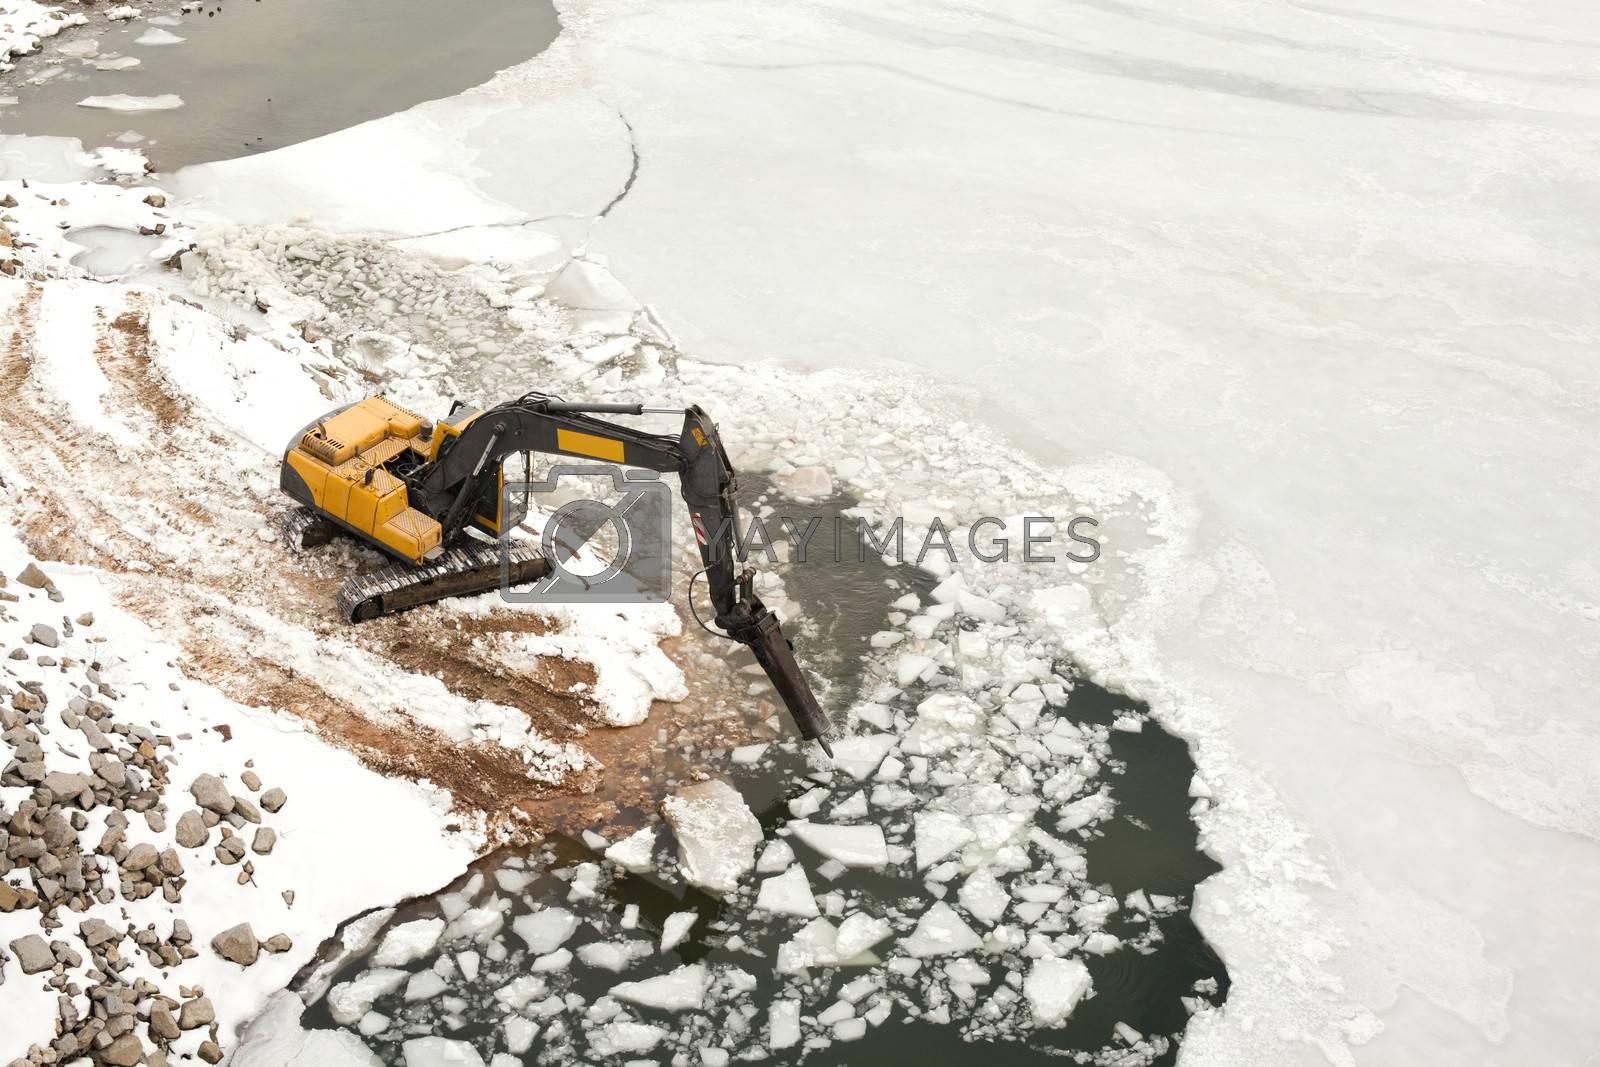 Machine breaking the ice